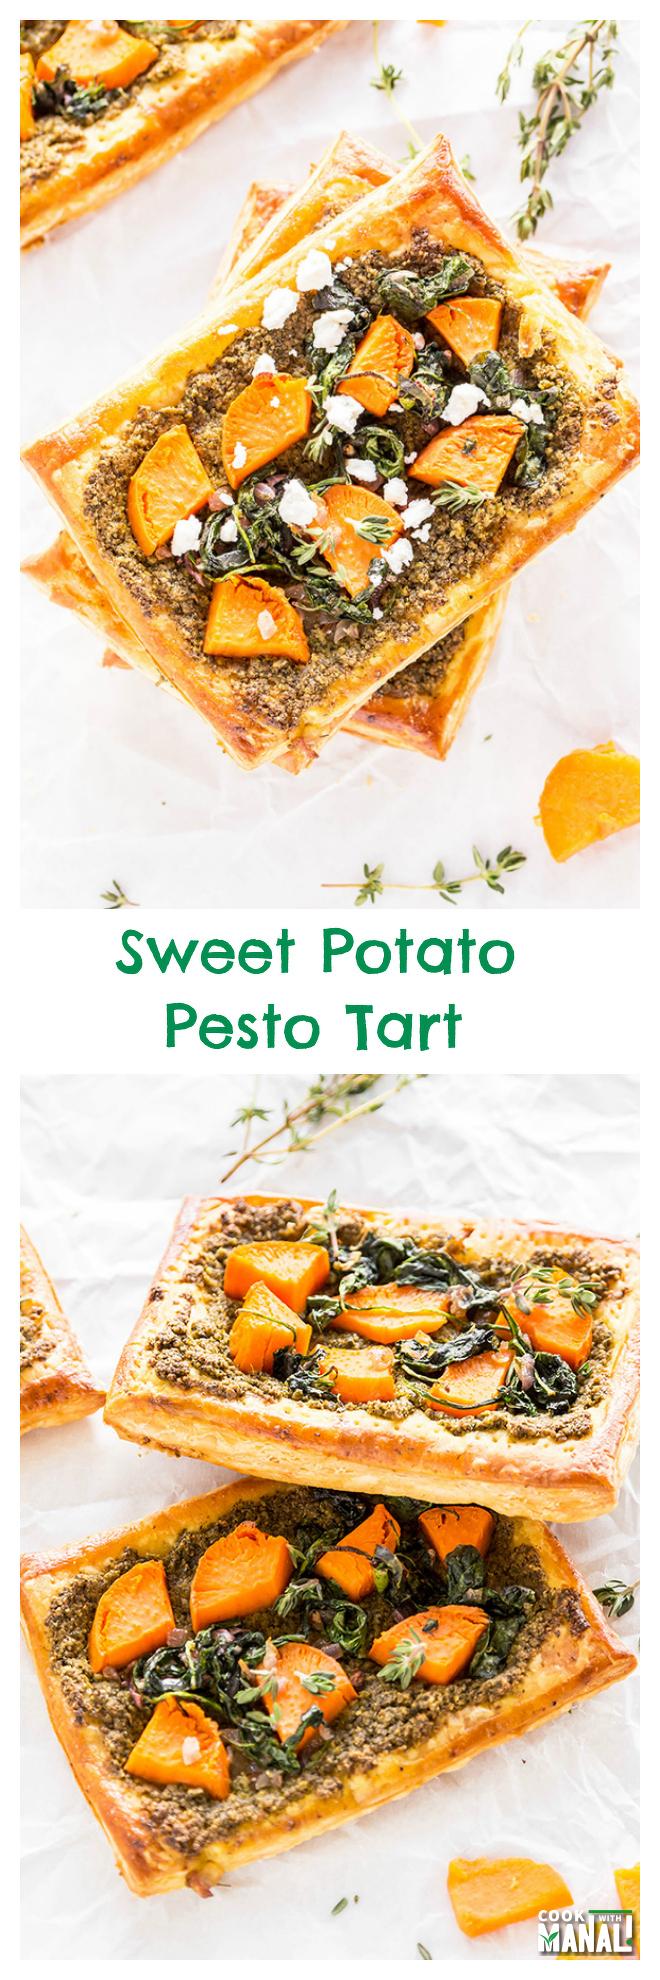 sweet-potato-pesto-tart-collage